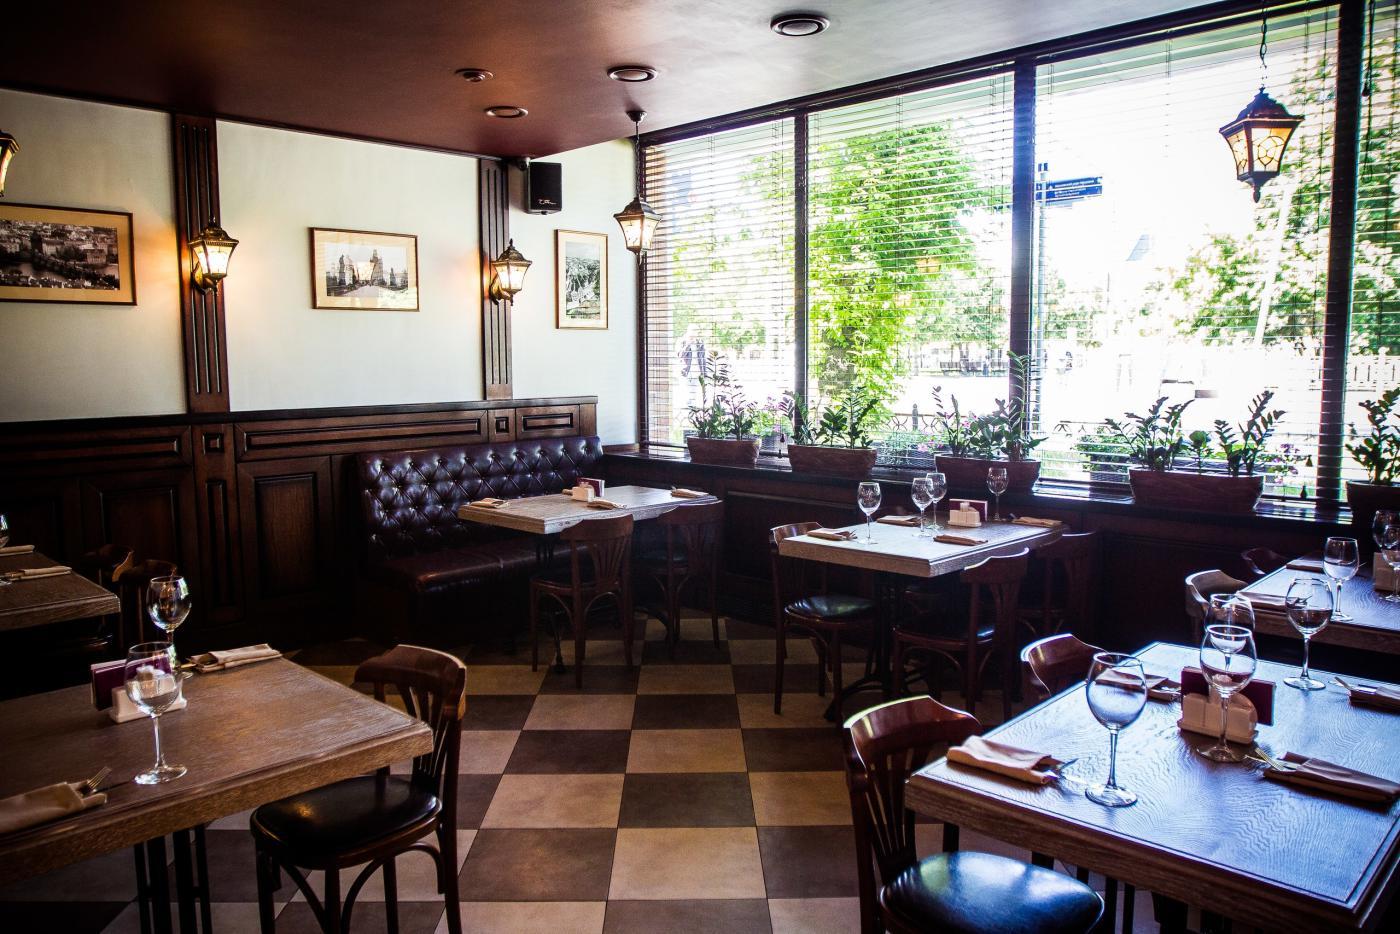 Средиземноморский Ресторан Terra & Mare Rome Barcelona (Терра Маре Рома Барселона) фото 40